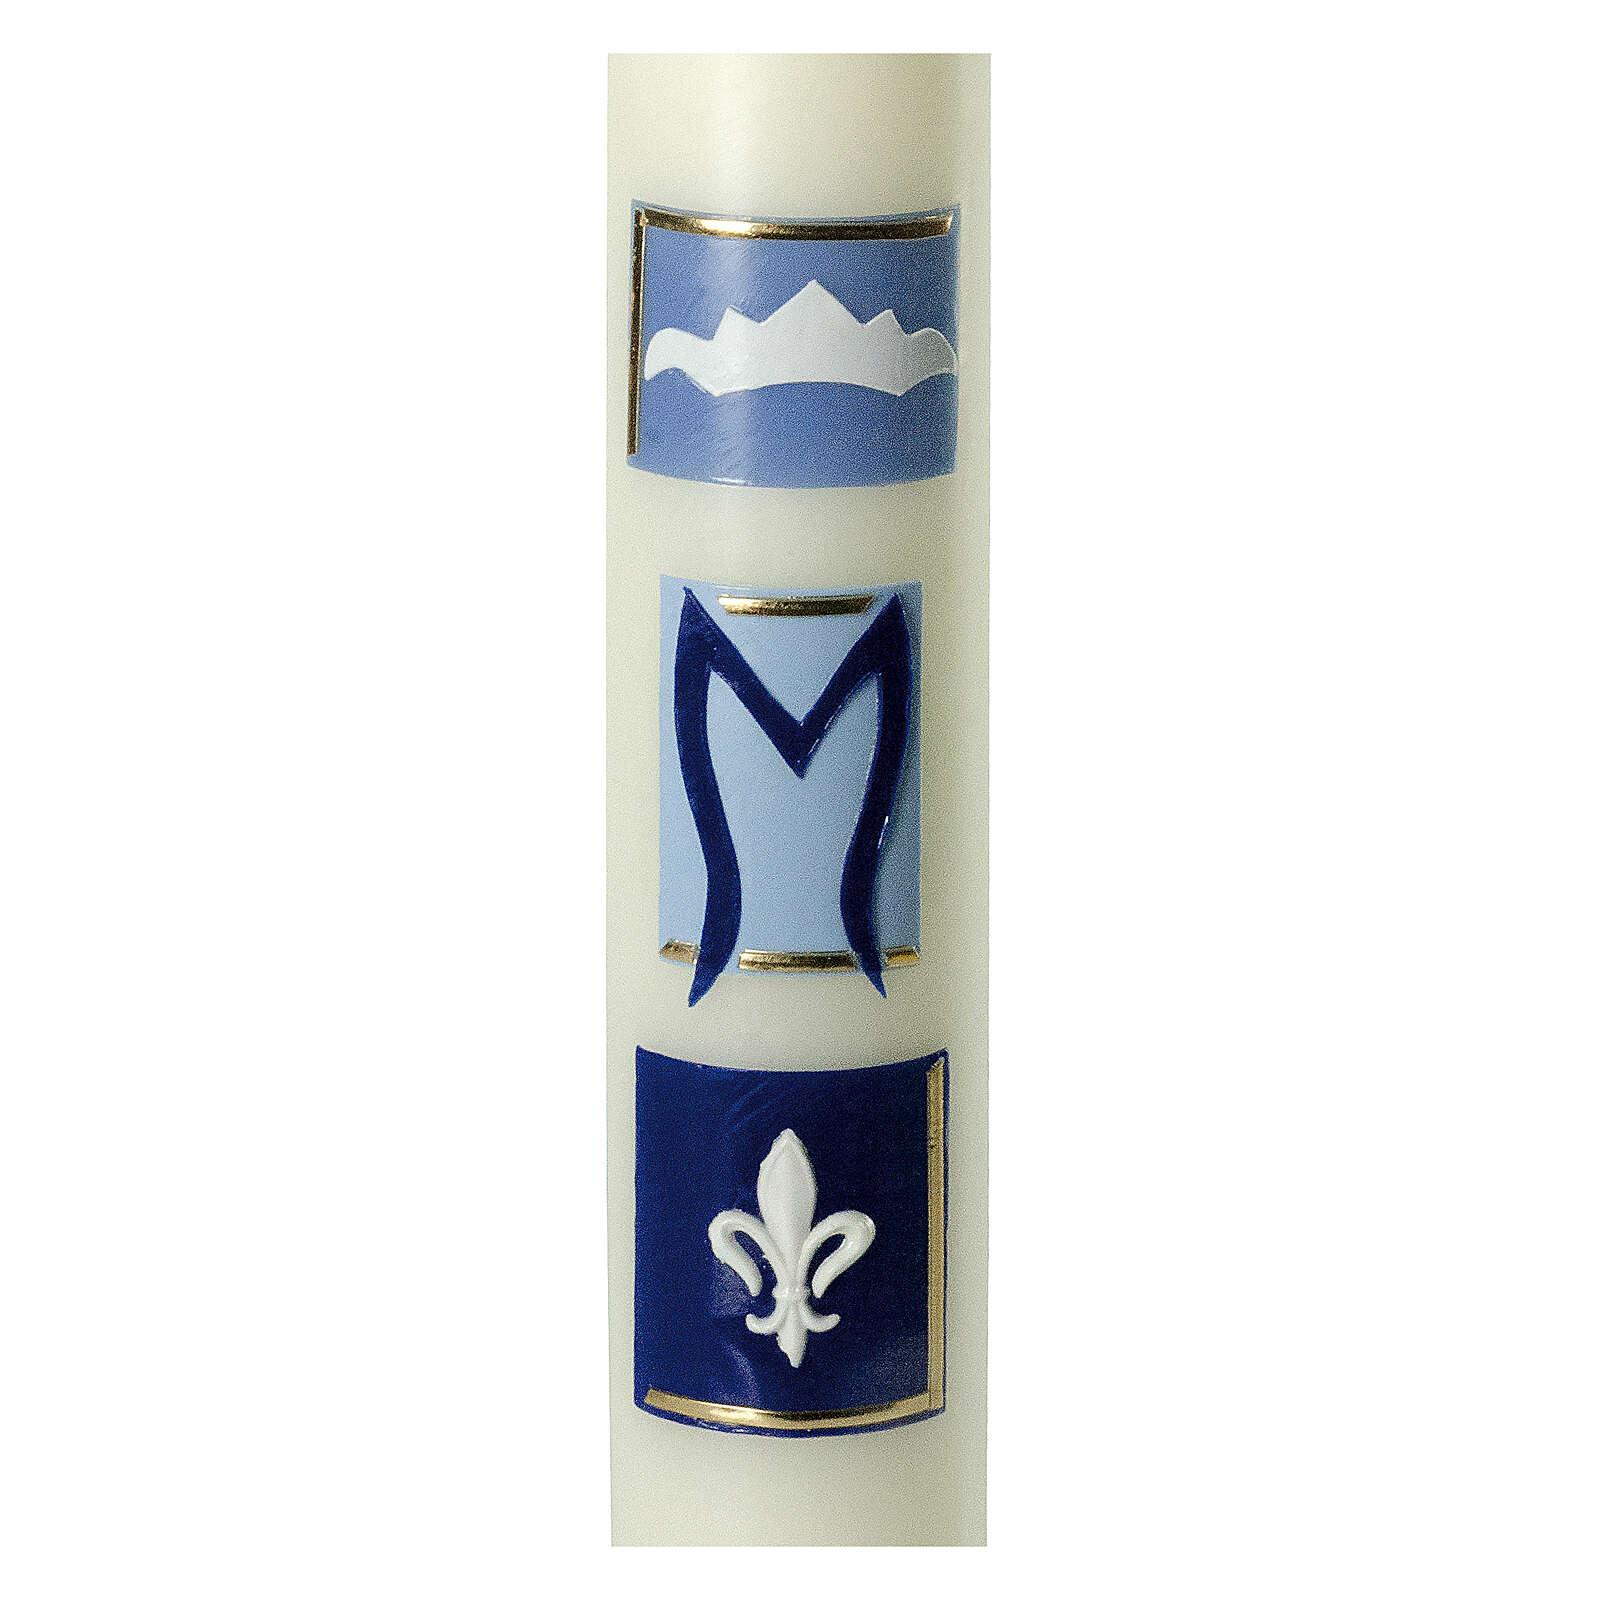 Kerze Marienmonogramm mit blauen Details, 400x60 mm 3